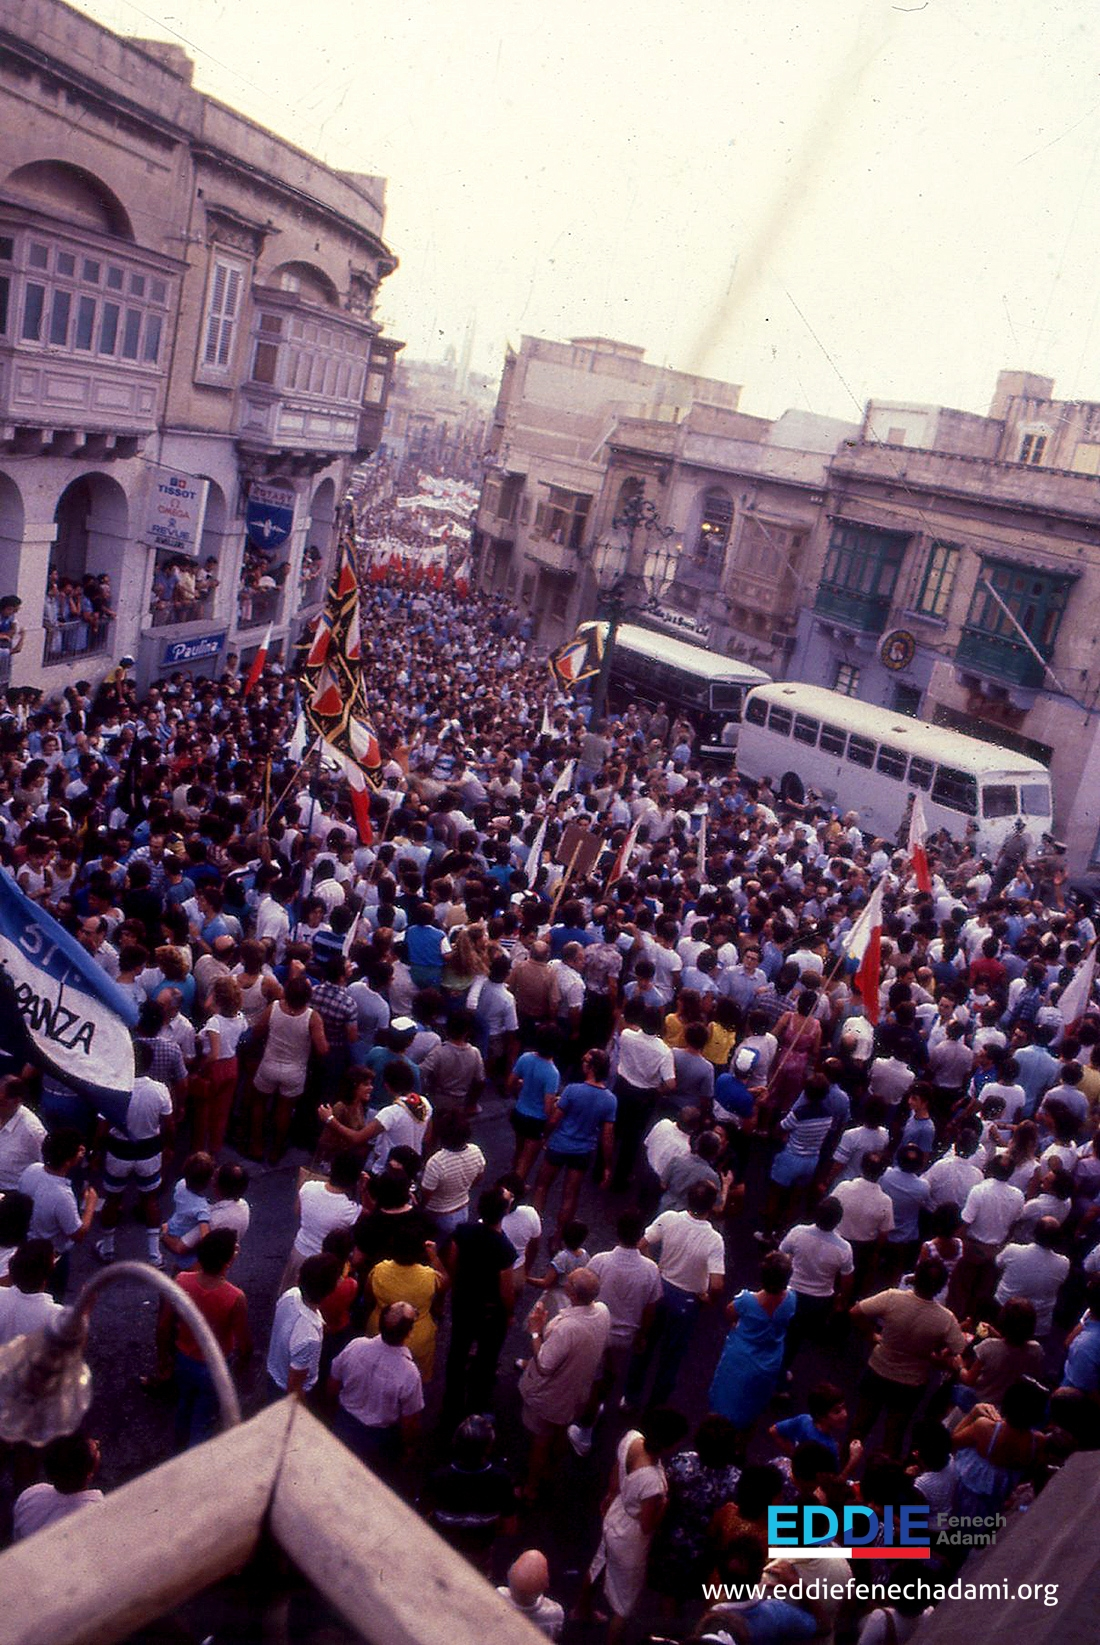 www.eddiefenechadami.org0036